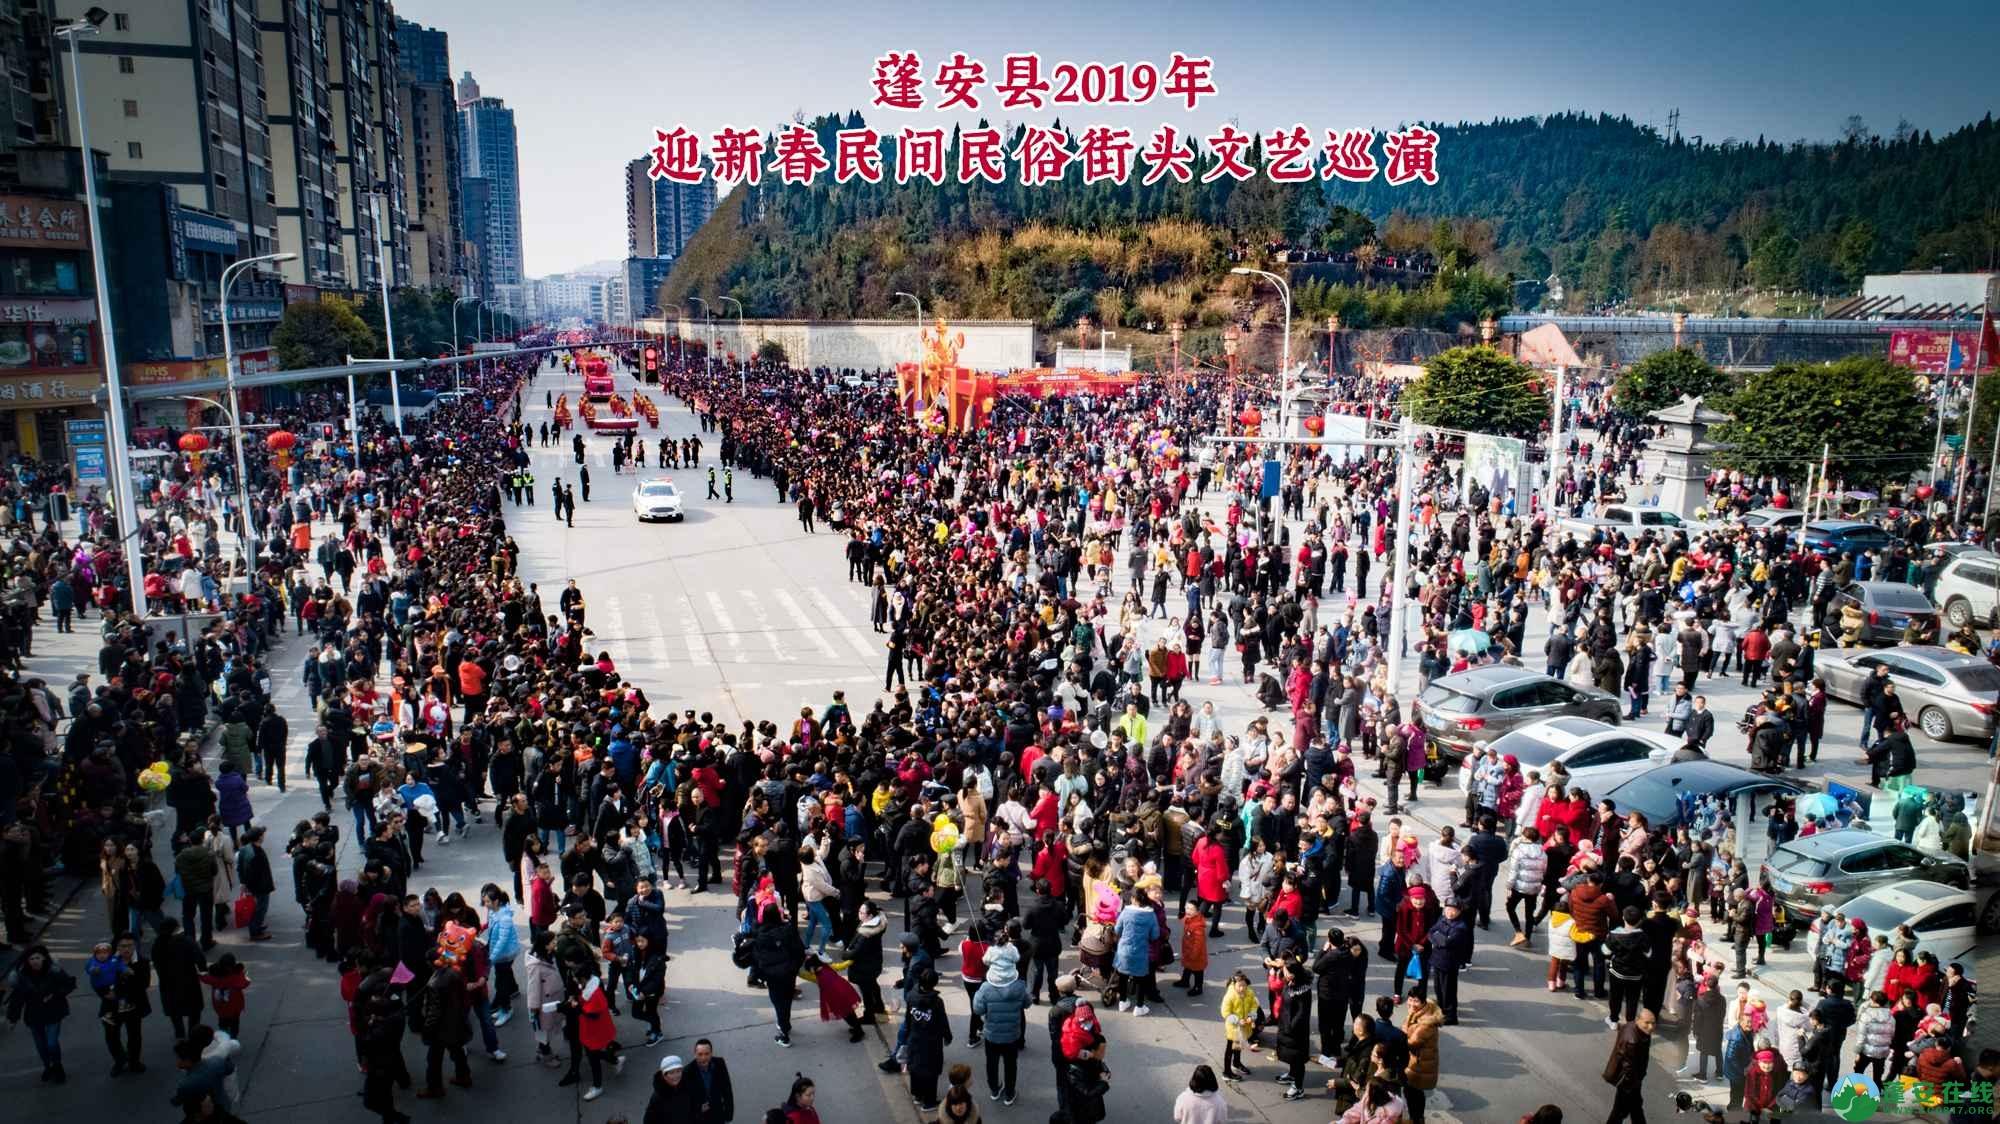 蓬安县2019年迎新春民间民俗街头文艺巡演精彩片段 - 第1张  | 蓬安在线